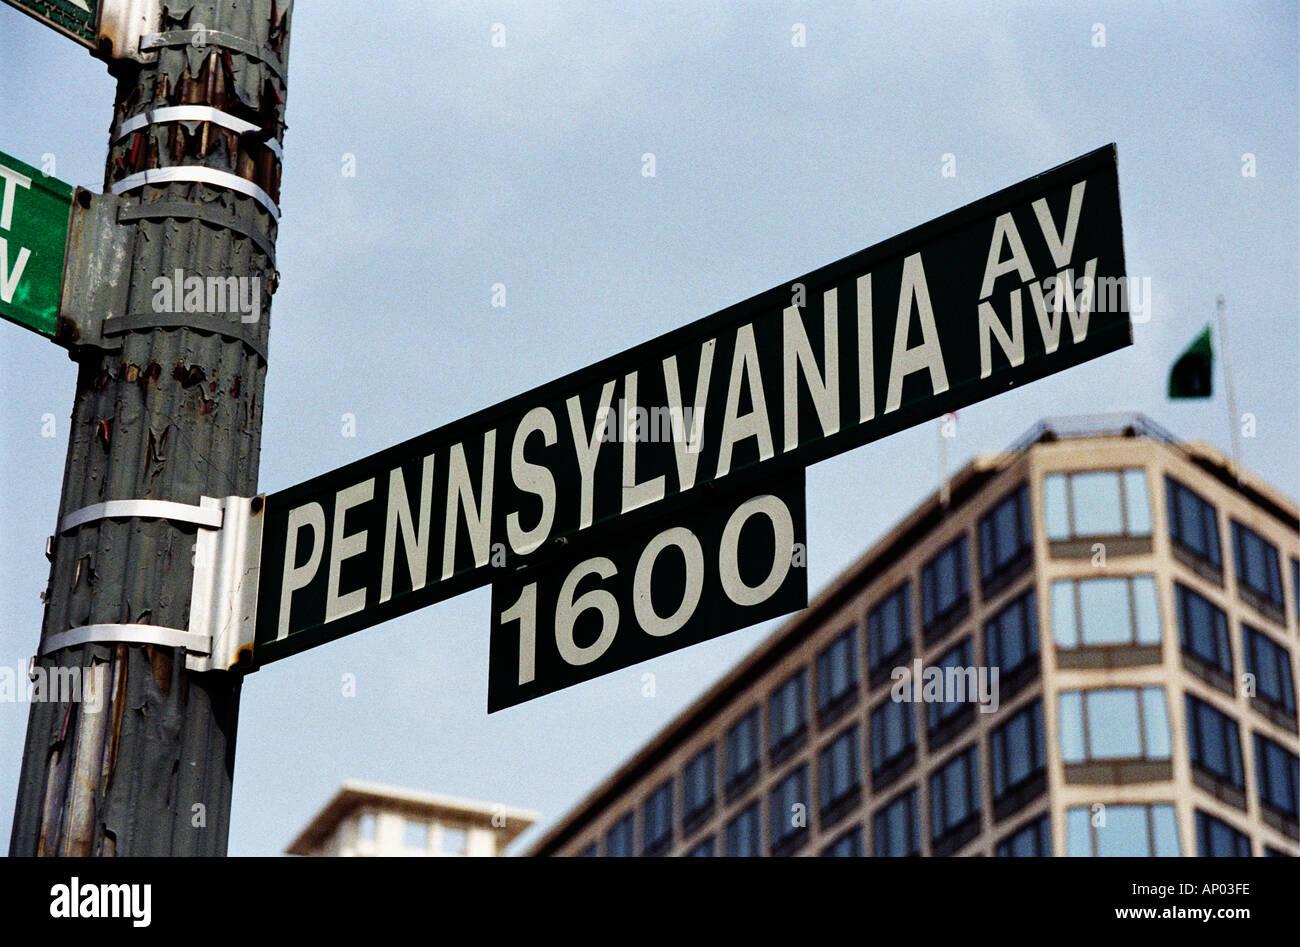 White House Address At 1600 Pennsylvania Avenue In Washington Stock